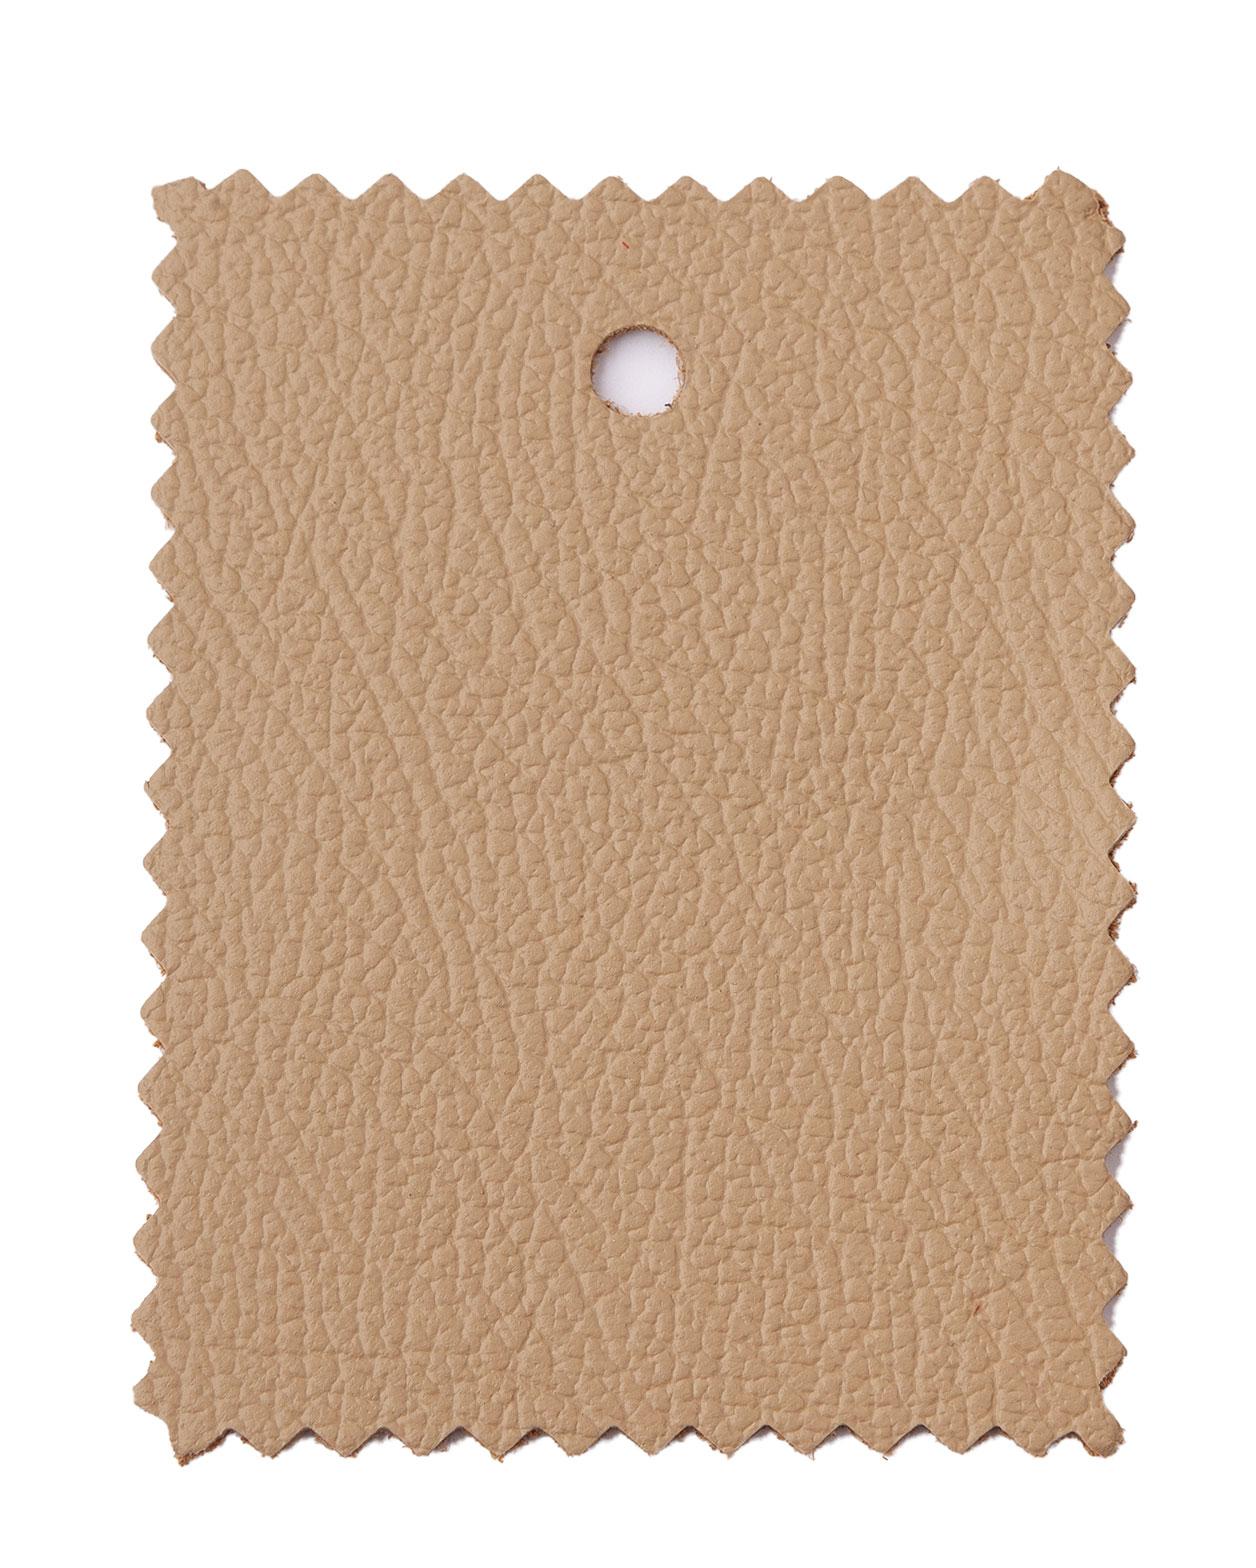 Abbildung Oldtimerleder-8115K-pergament-alt-kopfgefaerbt